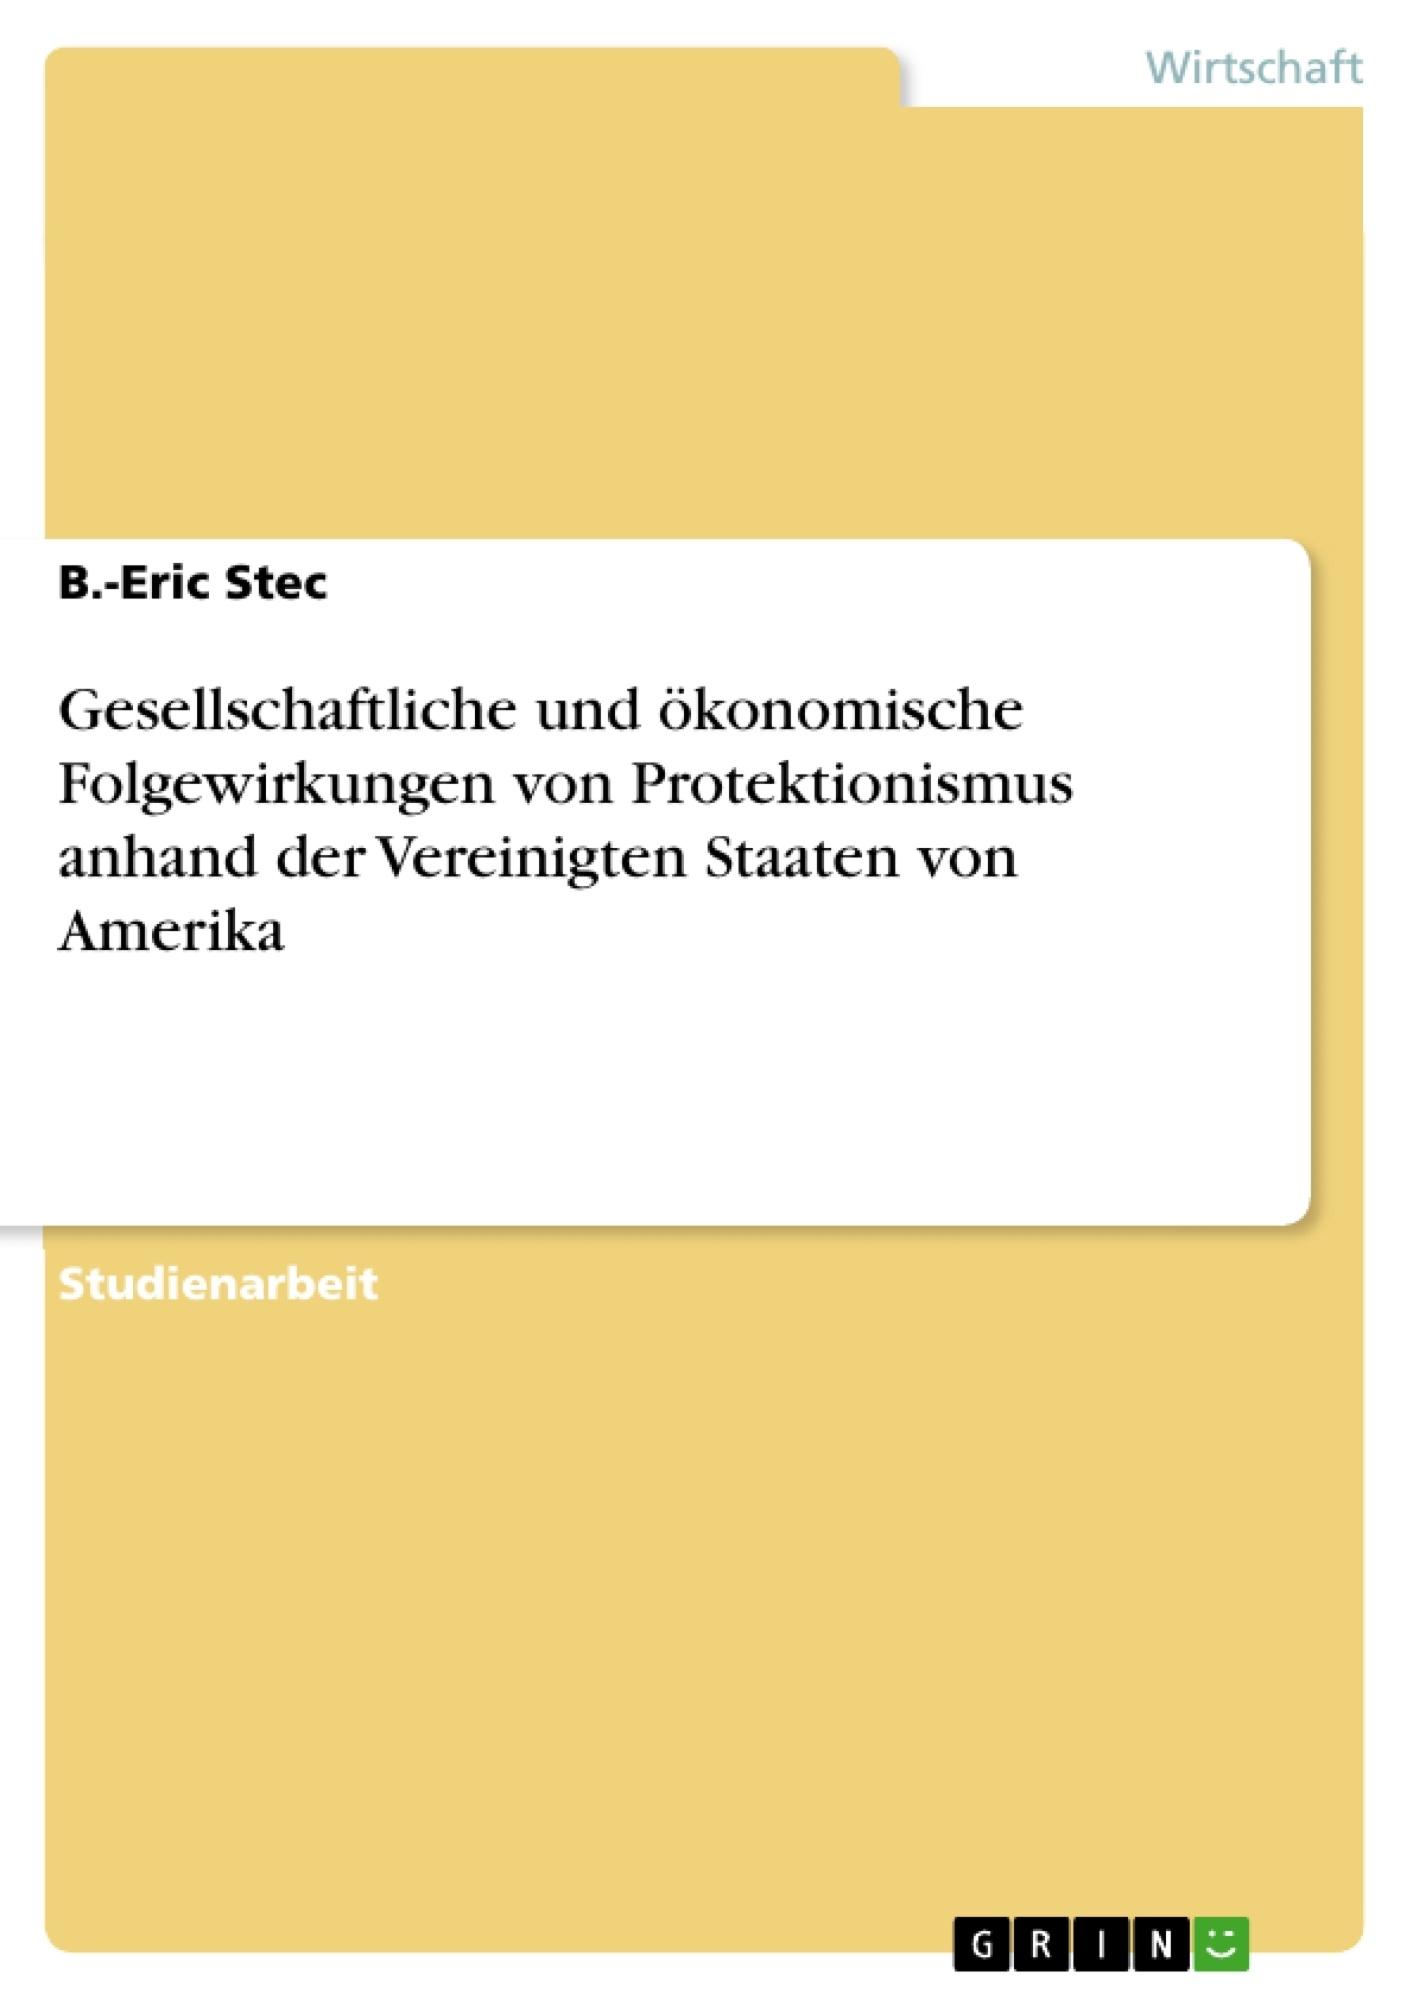 Titel: Gesellschaftliche und ökonomische Folgewirkungen von Protektionismus anhand der Vereinigten Staaten von Amerika